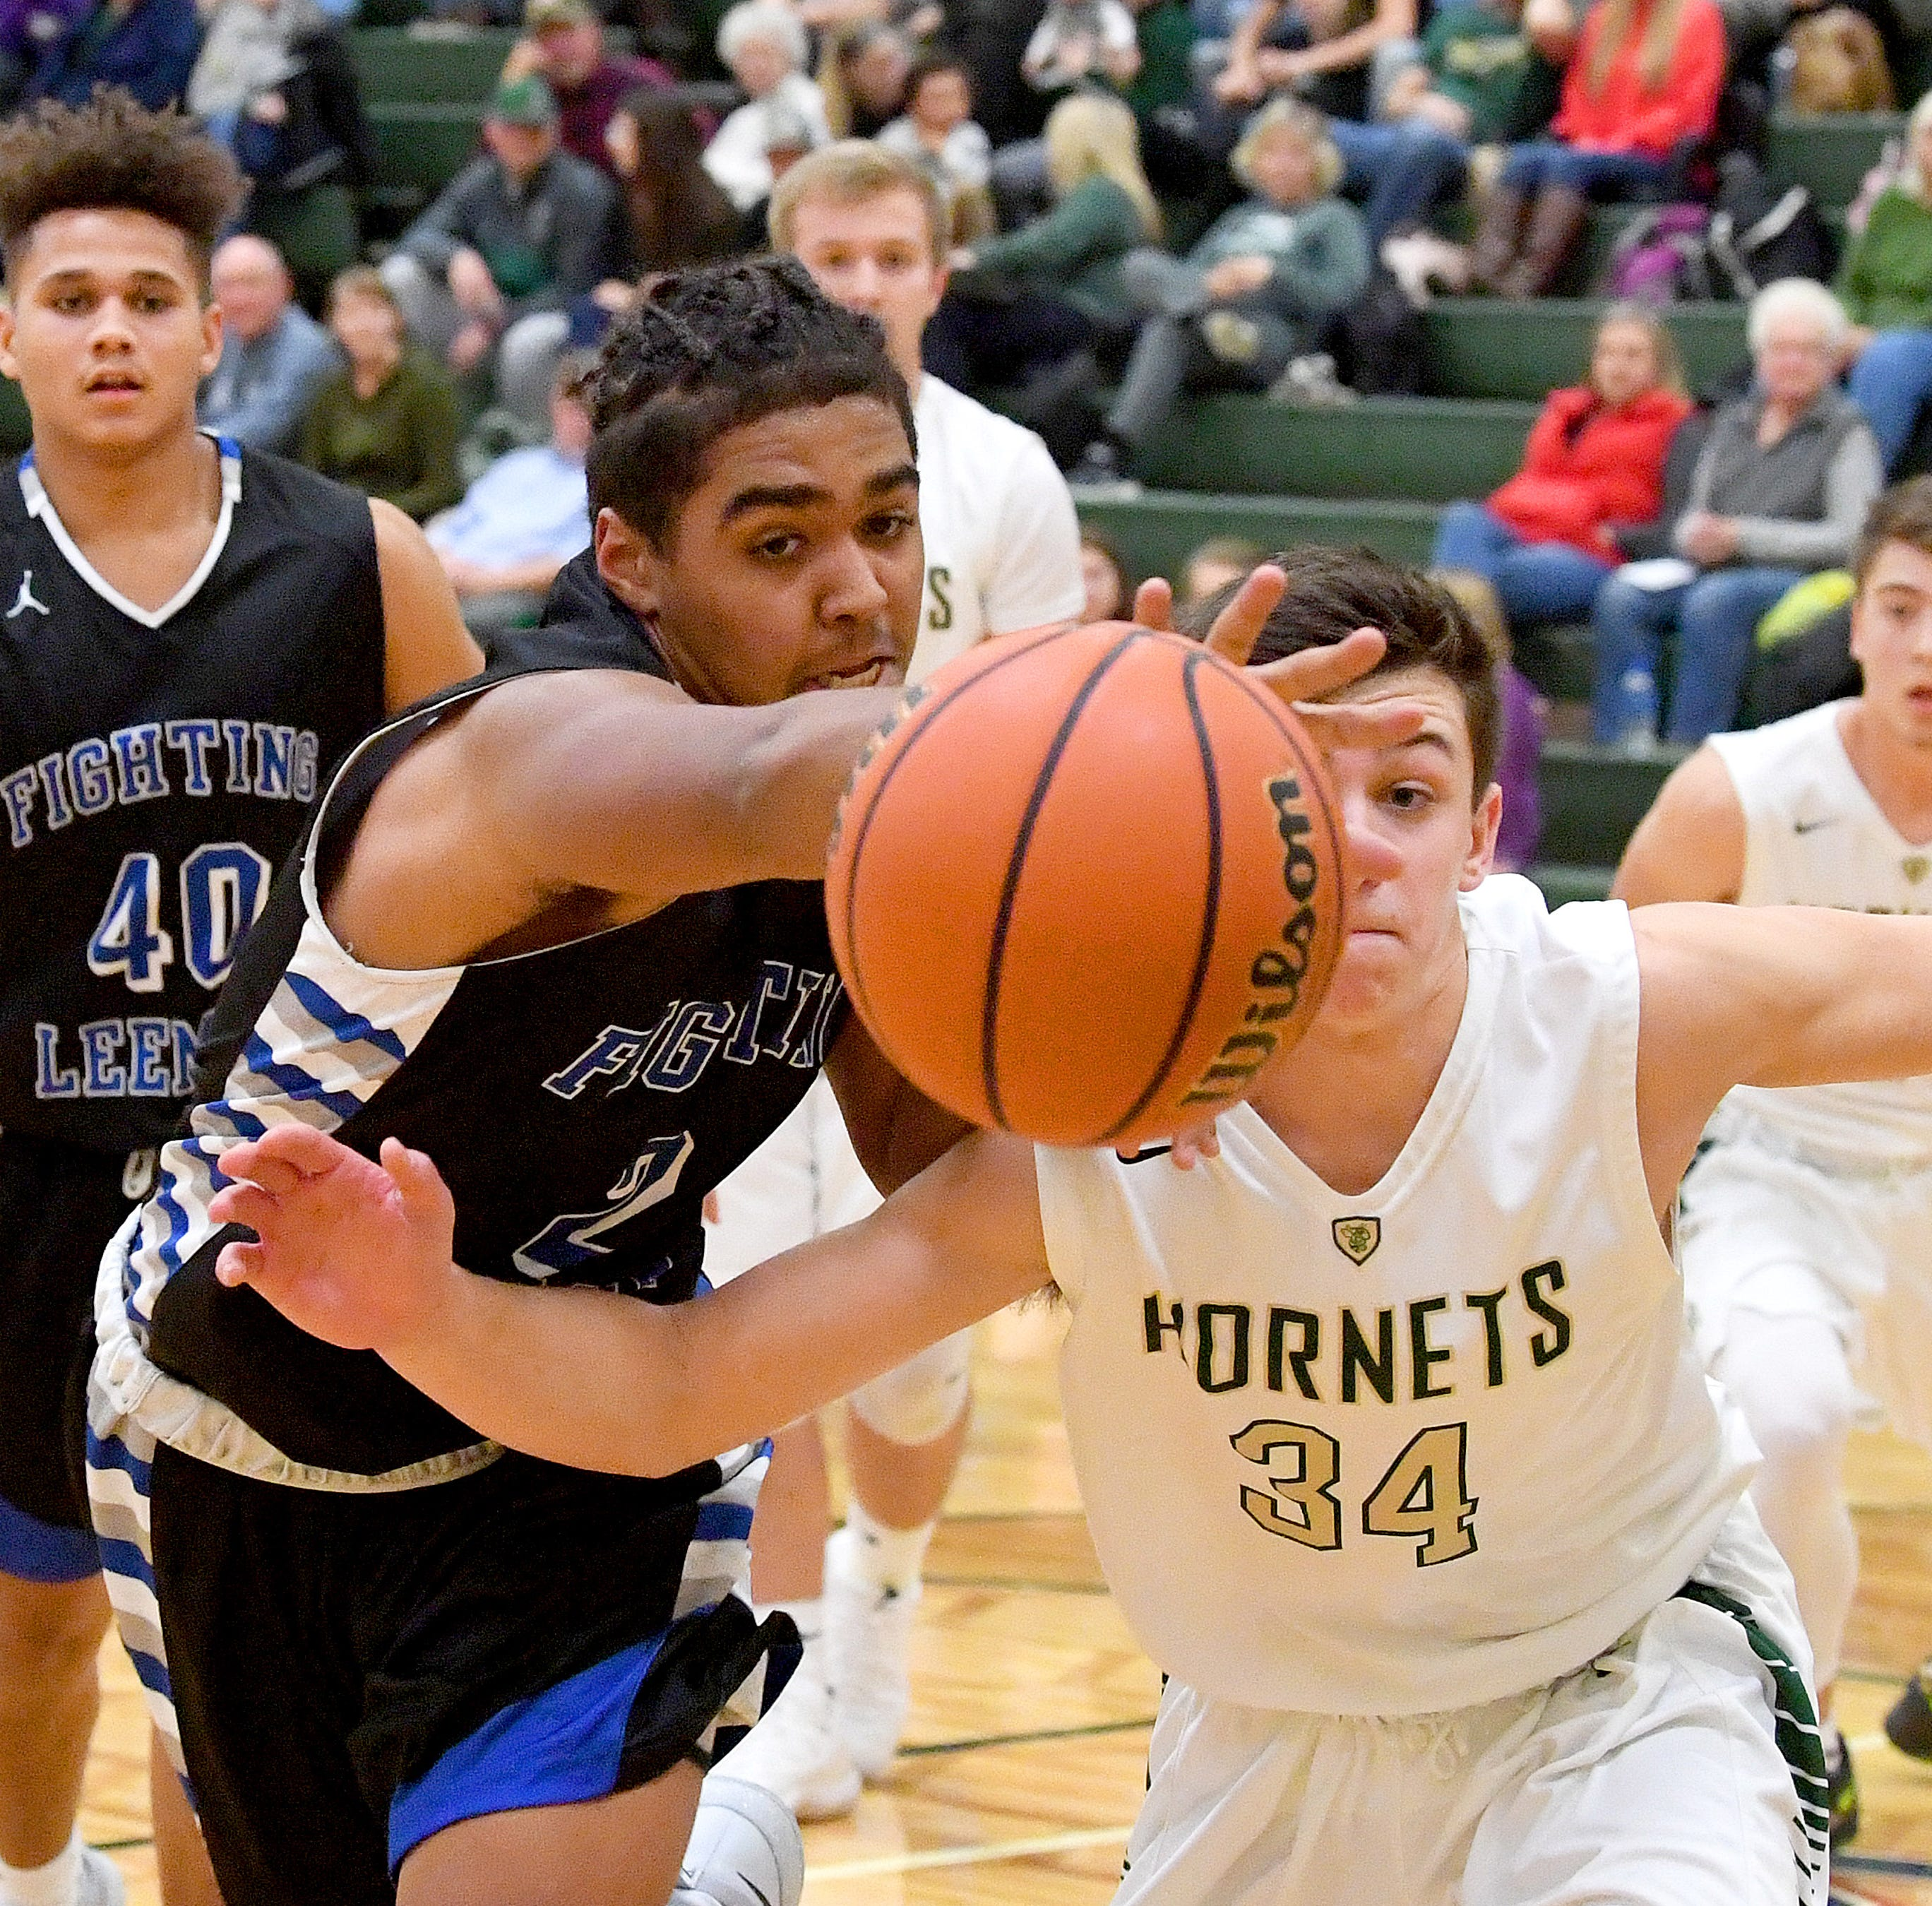 Gallery: R.E. Lee battles Wilson Memorial - boys basketball